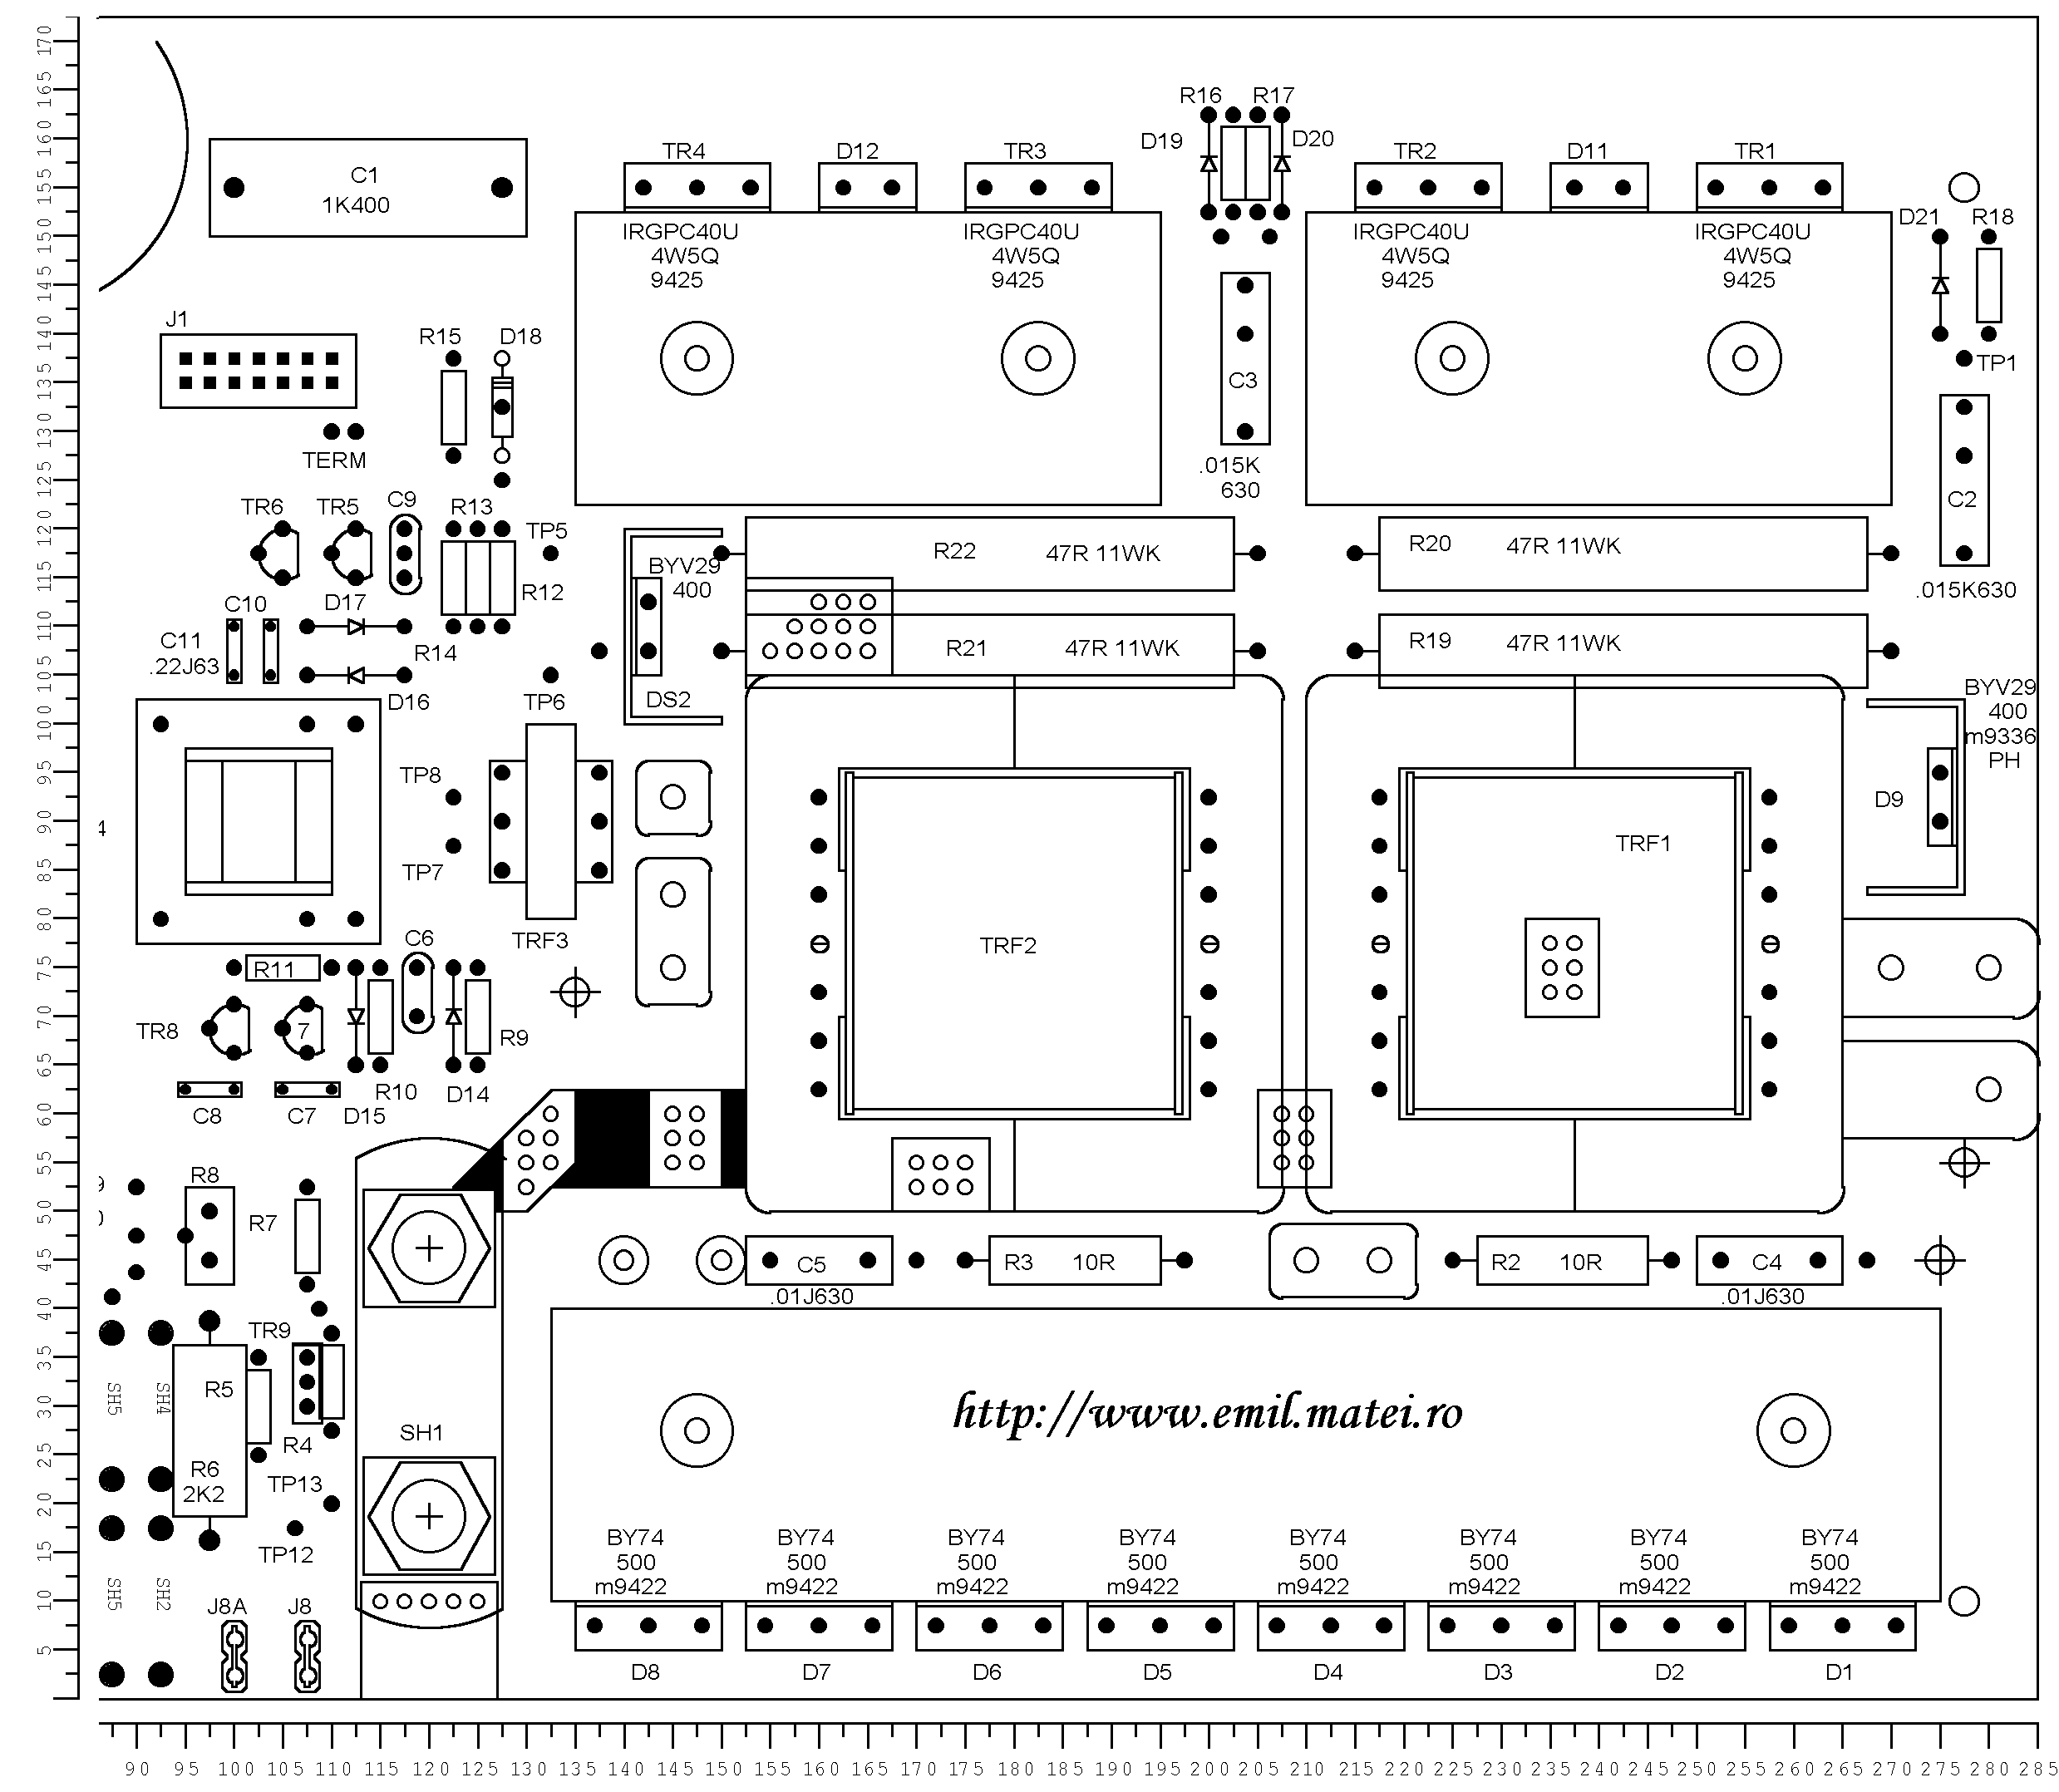 طراحی و ساخت یک اینورتر جوشکاری *** - صفحه 3